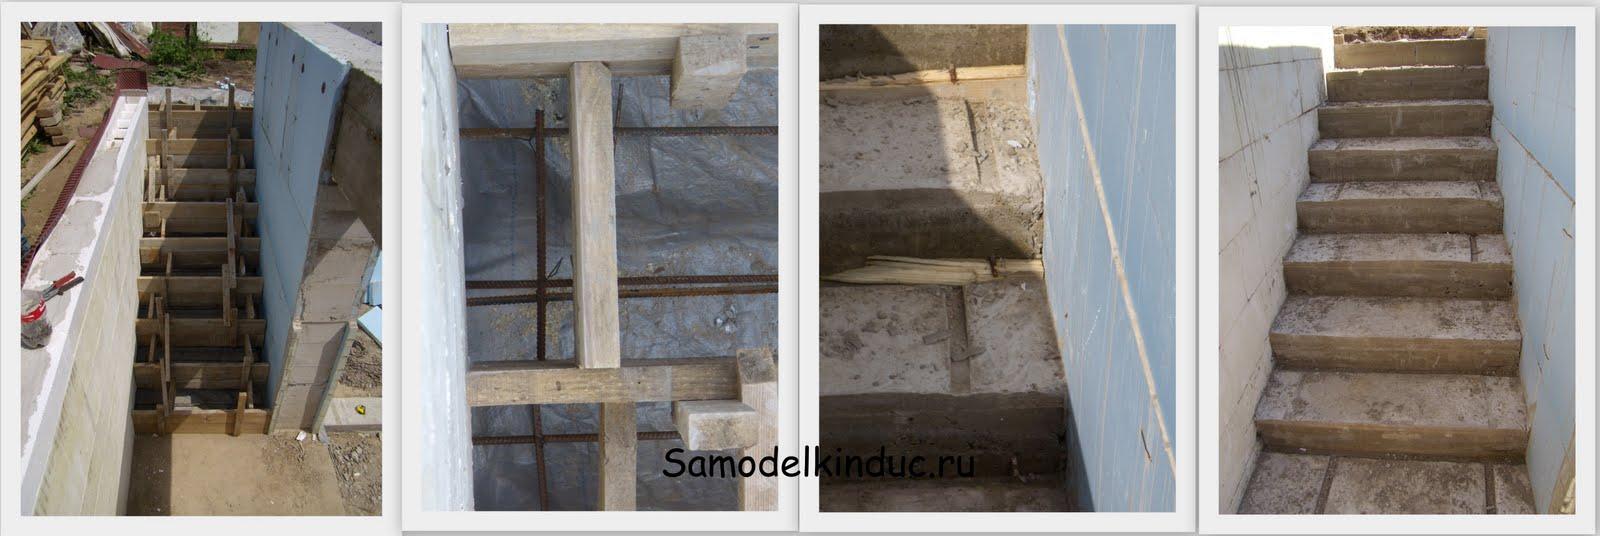 Как сделать ступеньки из бетона своими руками в подвал 1